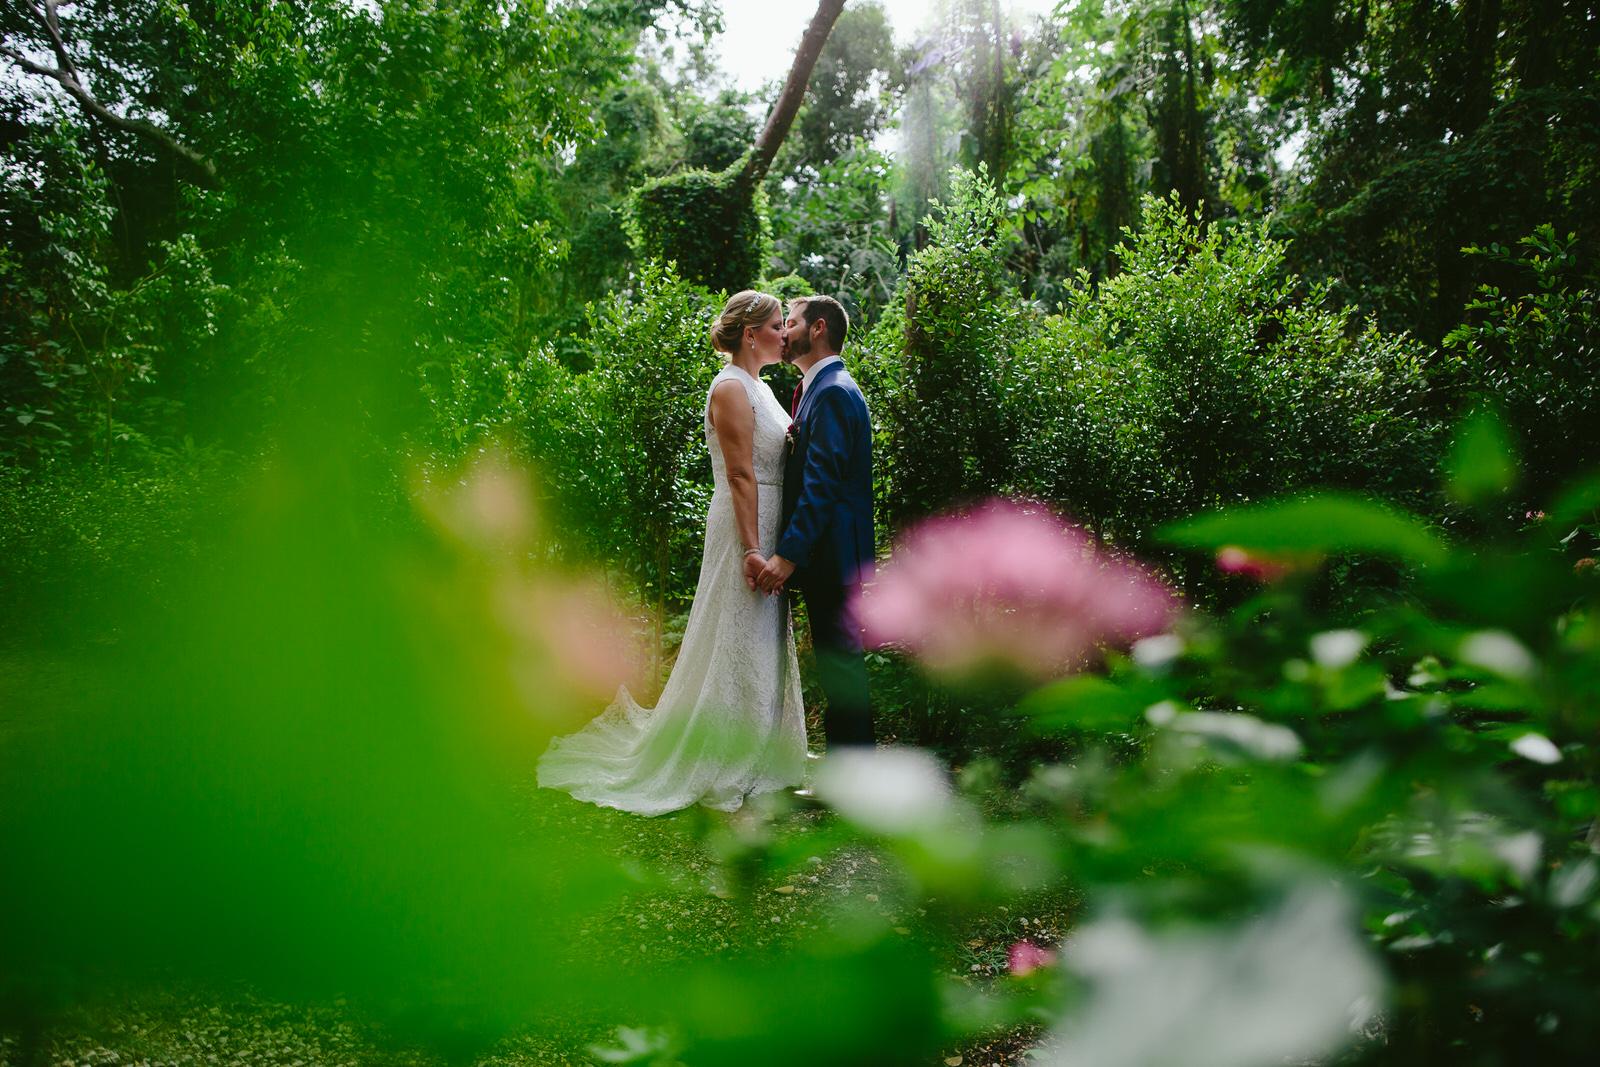 kissing_bride_groom_deering_estate_portraits_wedding-1.jpg